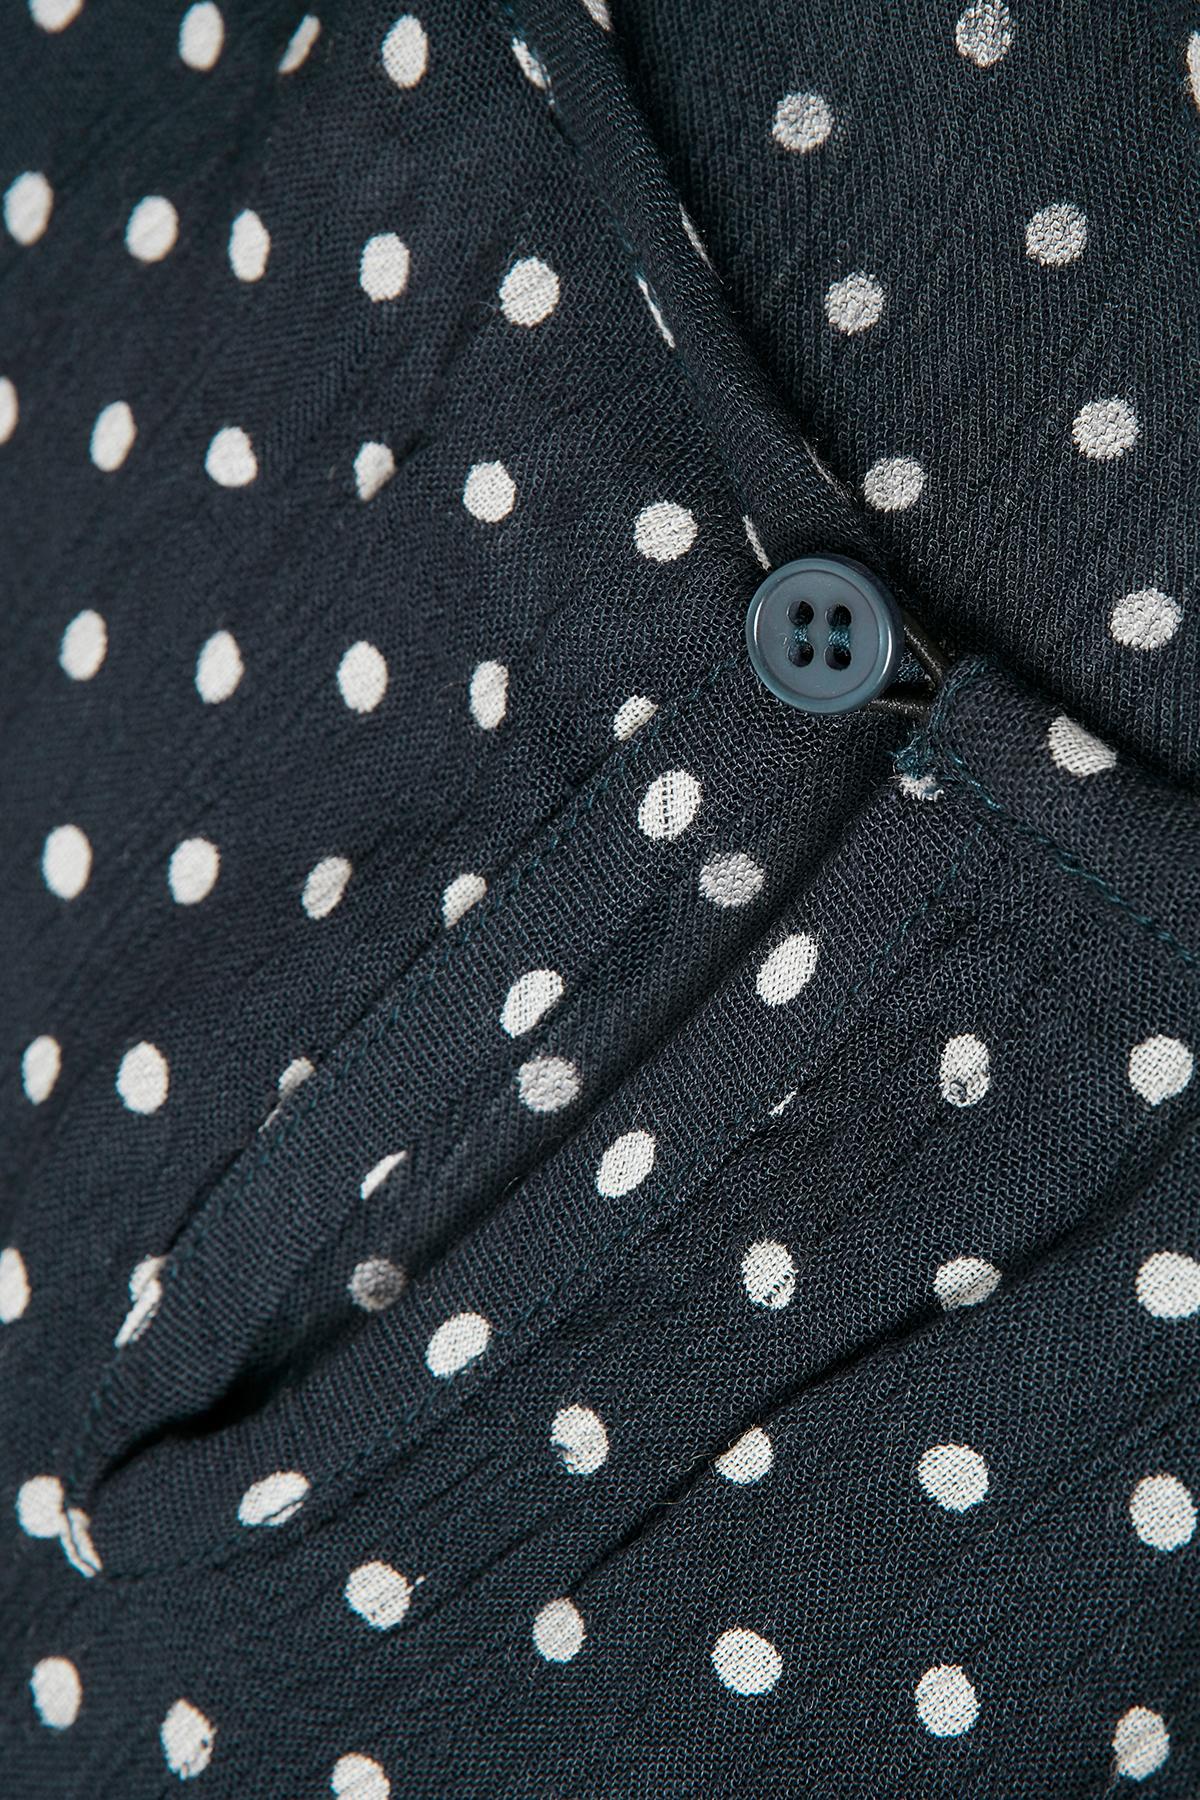 Marineblauw/off-white Blouse met korte mouwen van Kaffe – Door Marineblauw/off-white Blouse met korte mouwen van maat. 34-46 hier